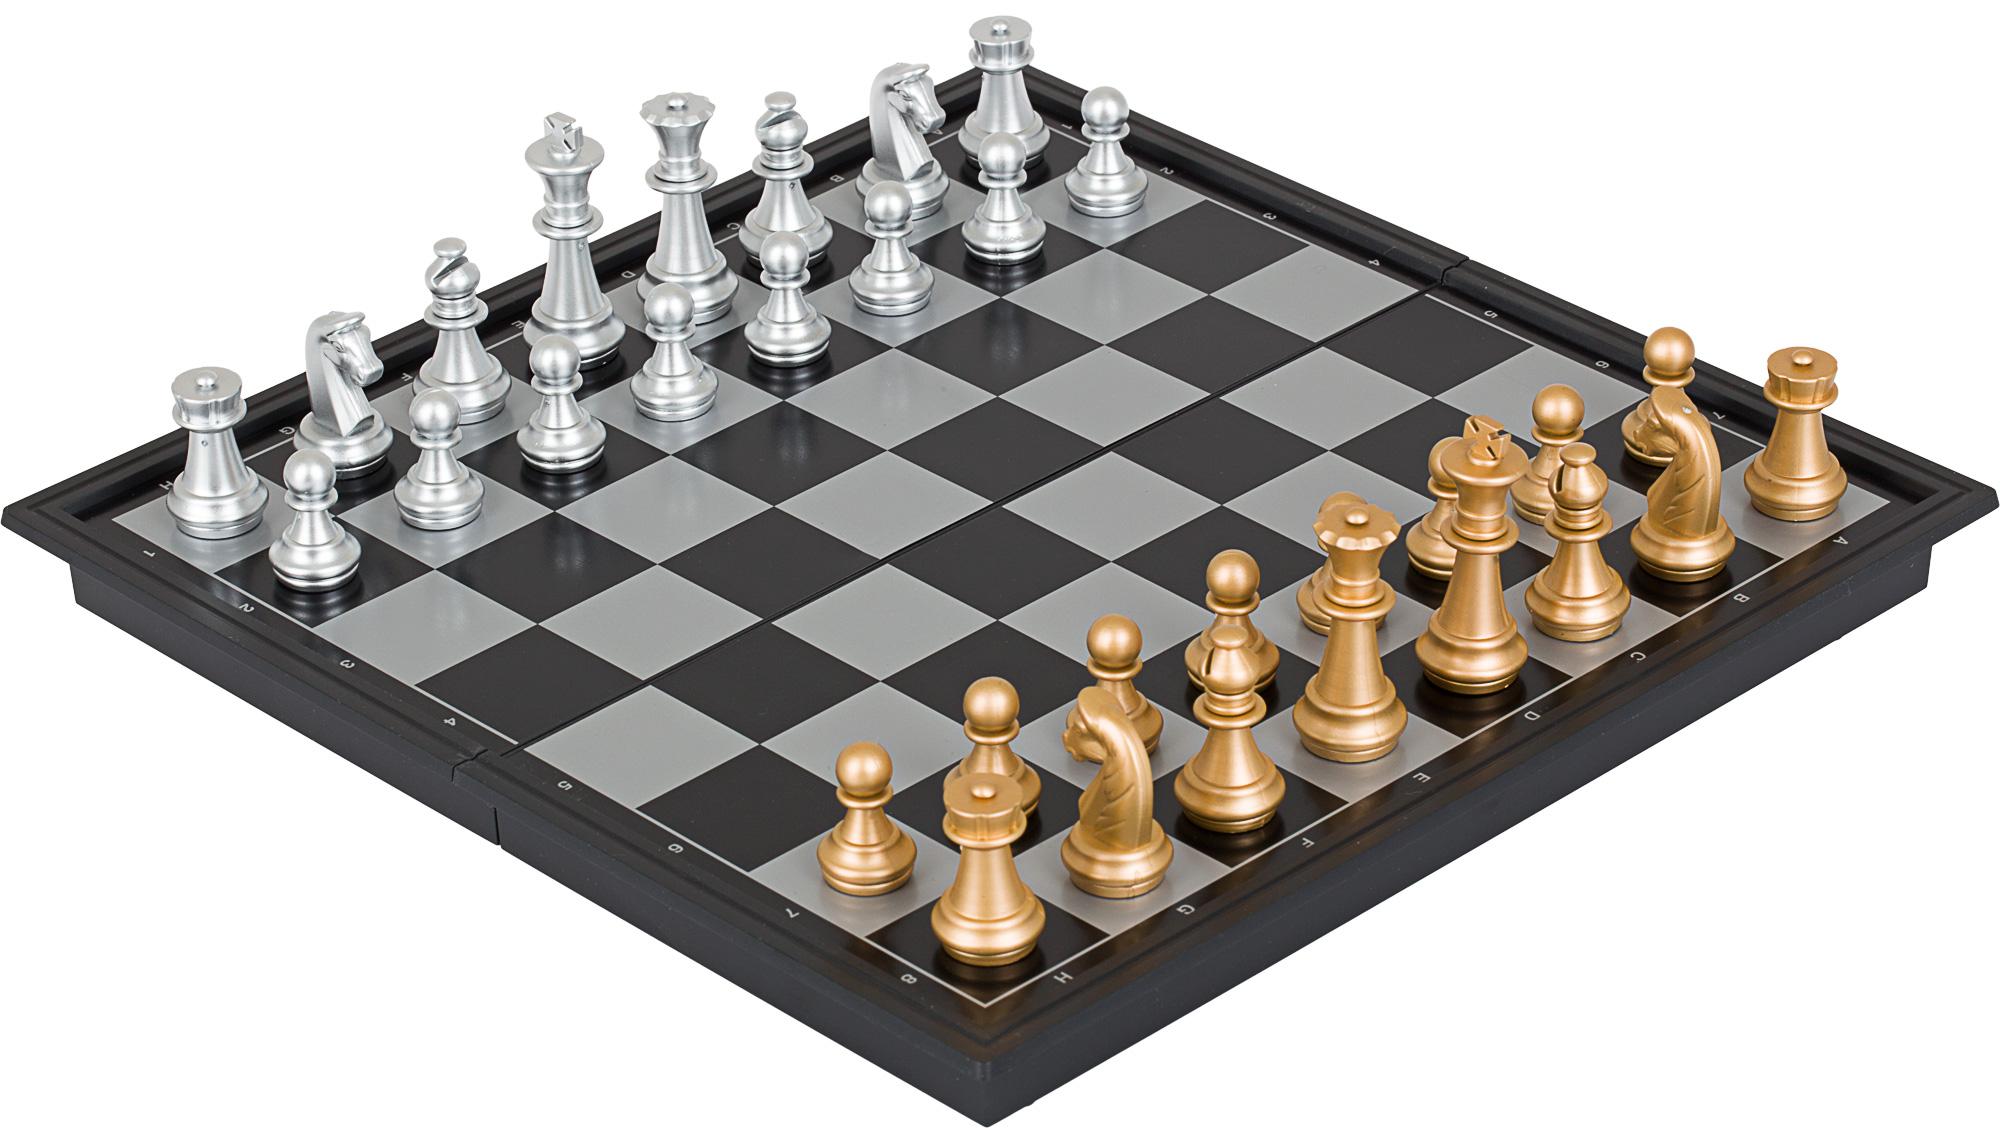 Torneo Настольная игра Магнитные шахматы Torneo